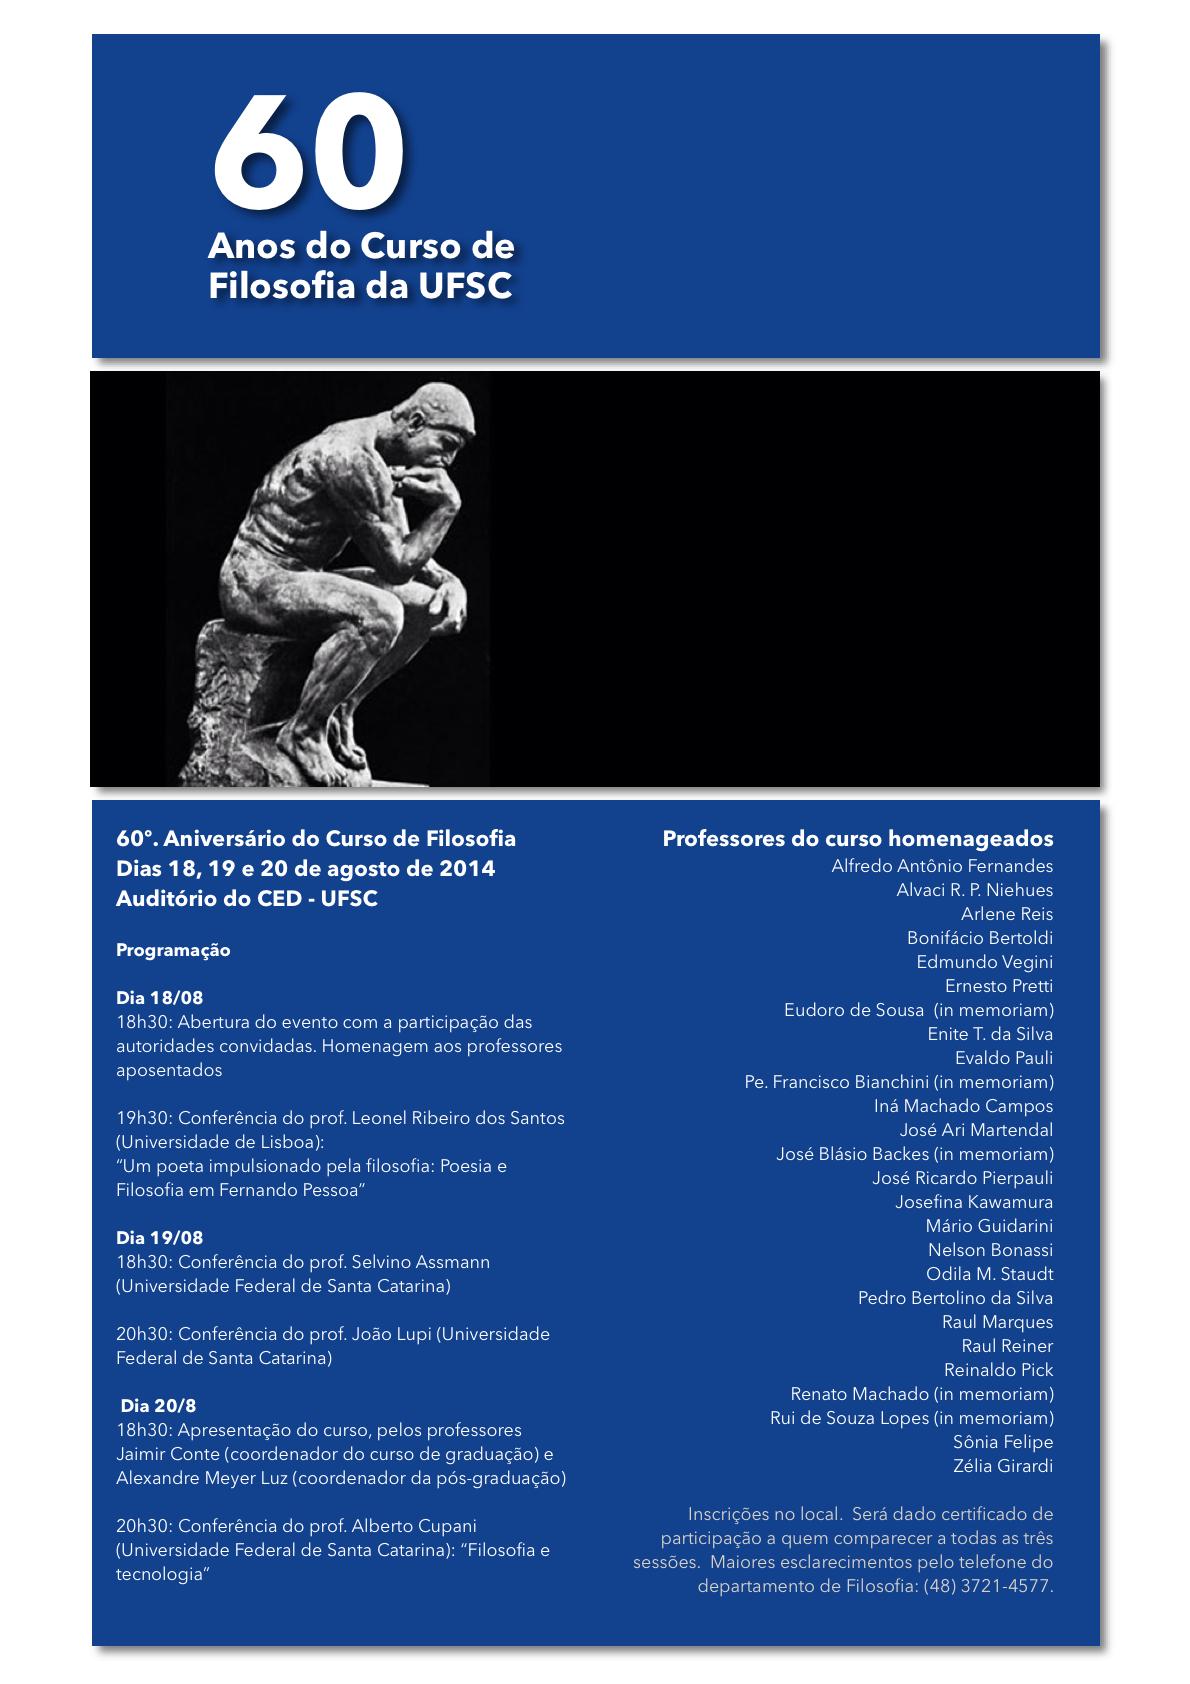 cartaz-60anos do curso de filosofia da UFSC